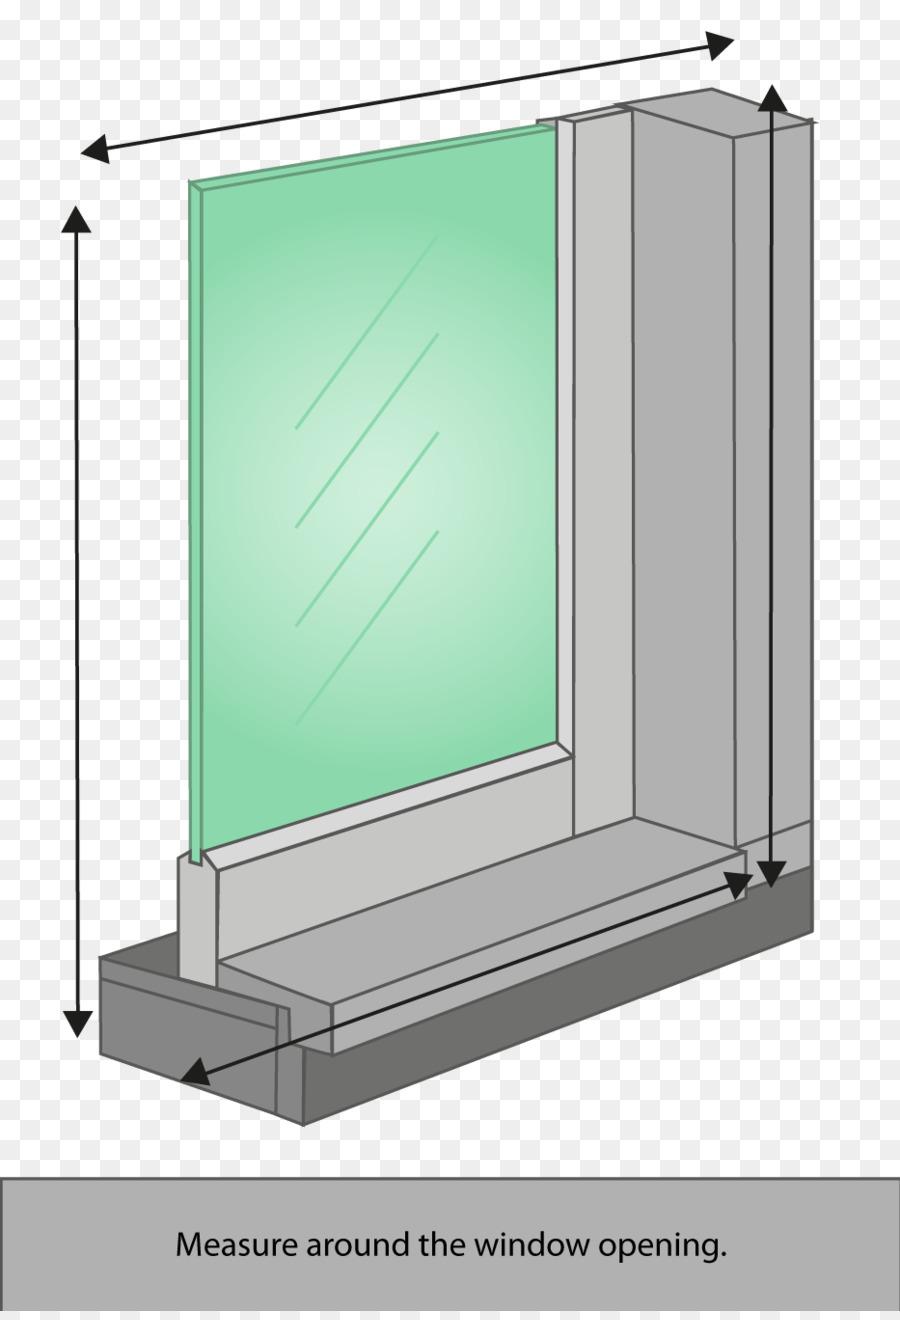 Full Size of Fenster Schallschutz Window Blinds Behandlung Akustik Internorm Preise Velux Rollo Schüko Obi Mit Lüftung Sicherheitsfolie Weru Dänische Fenster Fenster Schallschutz